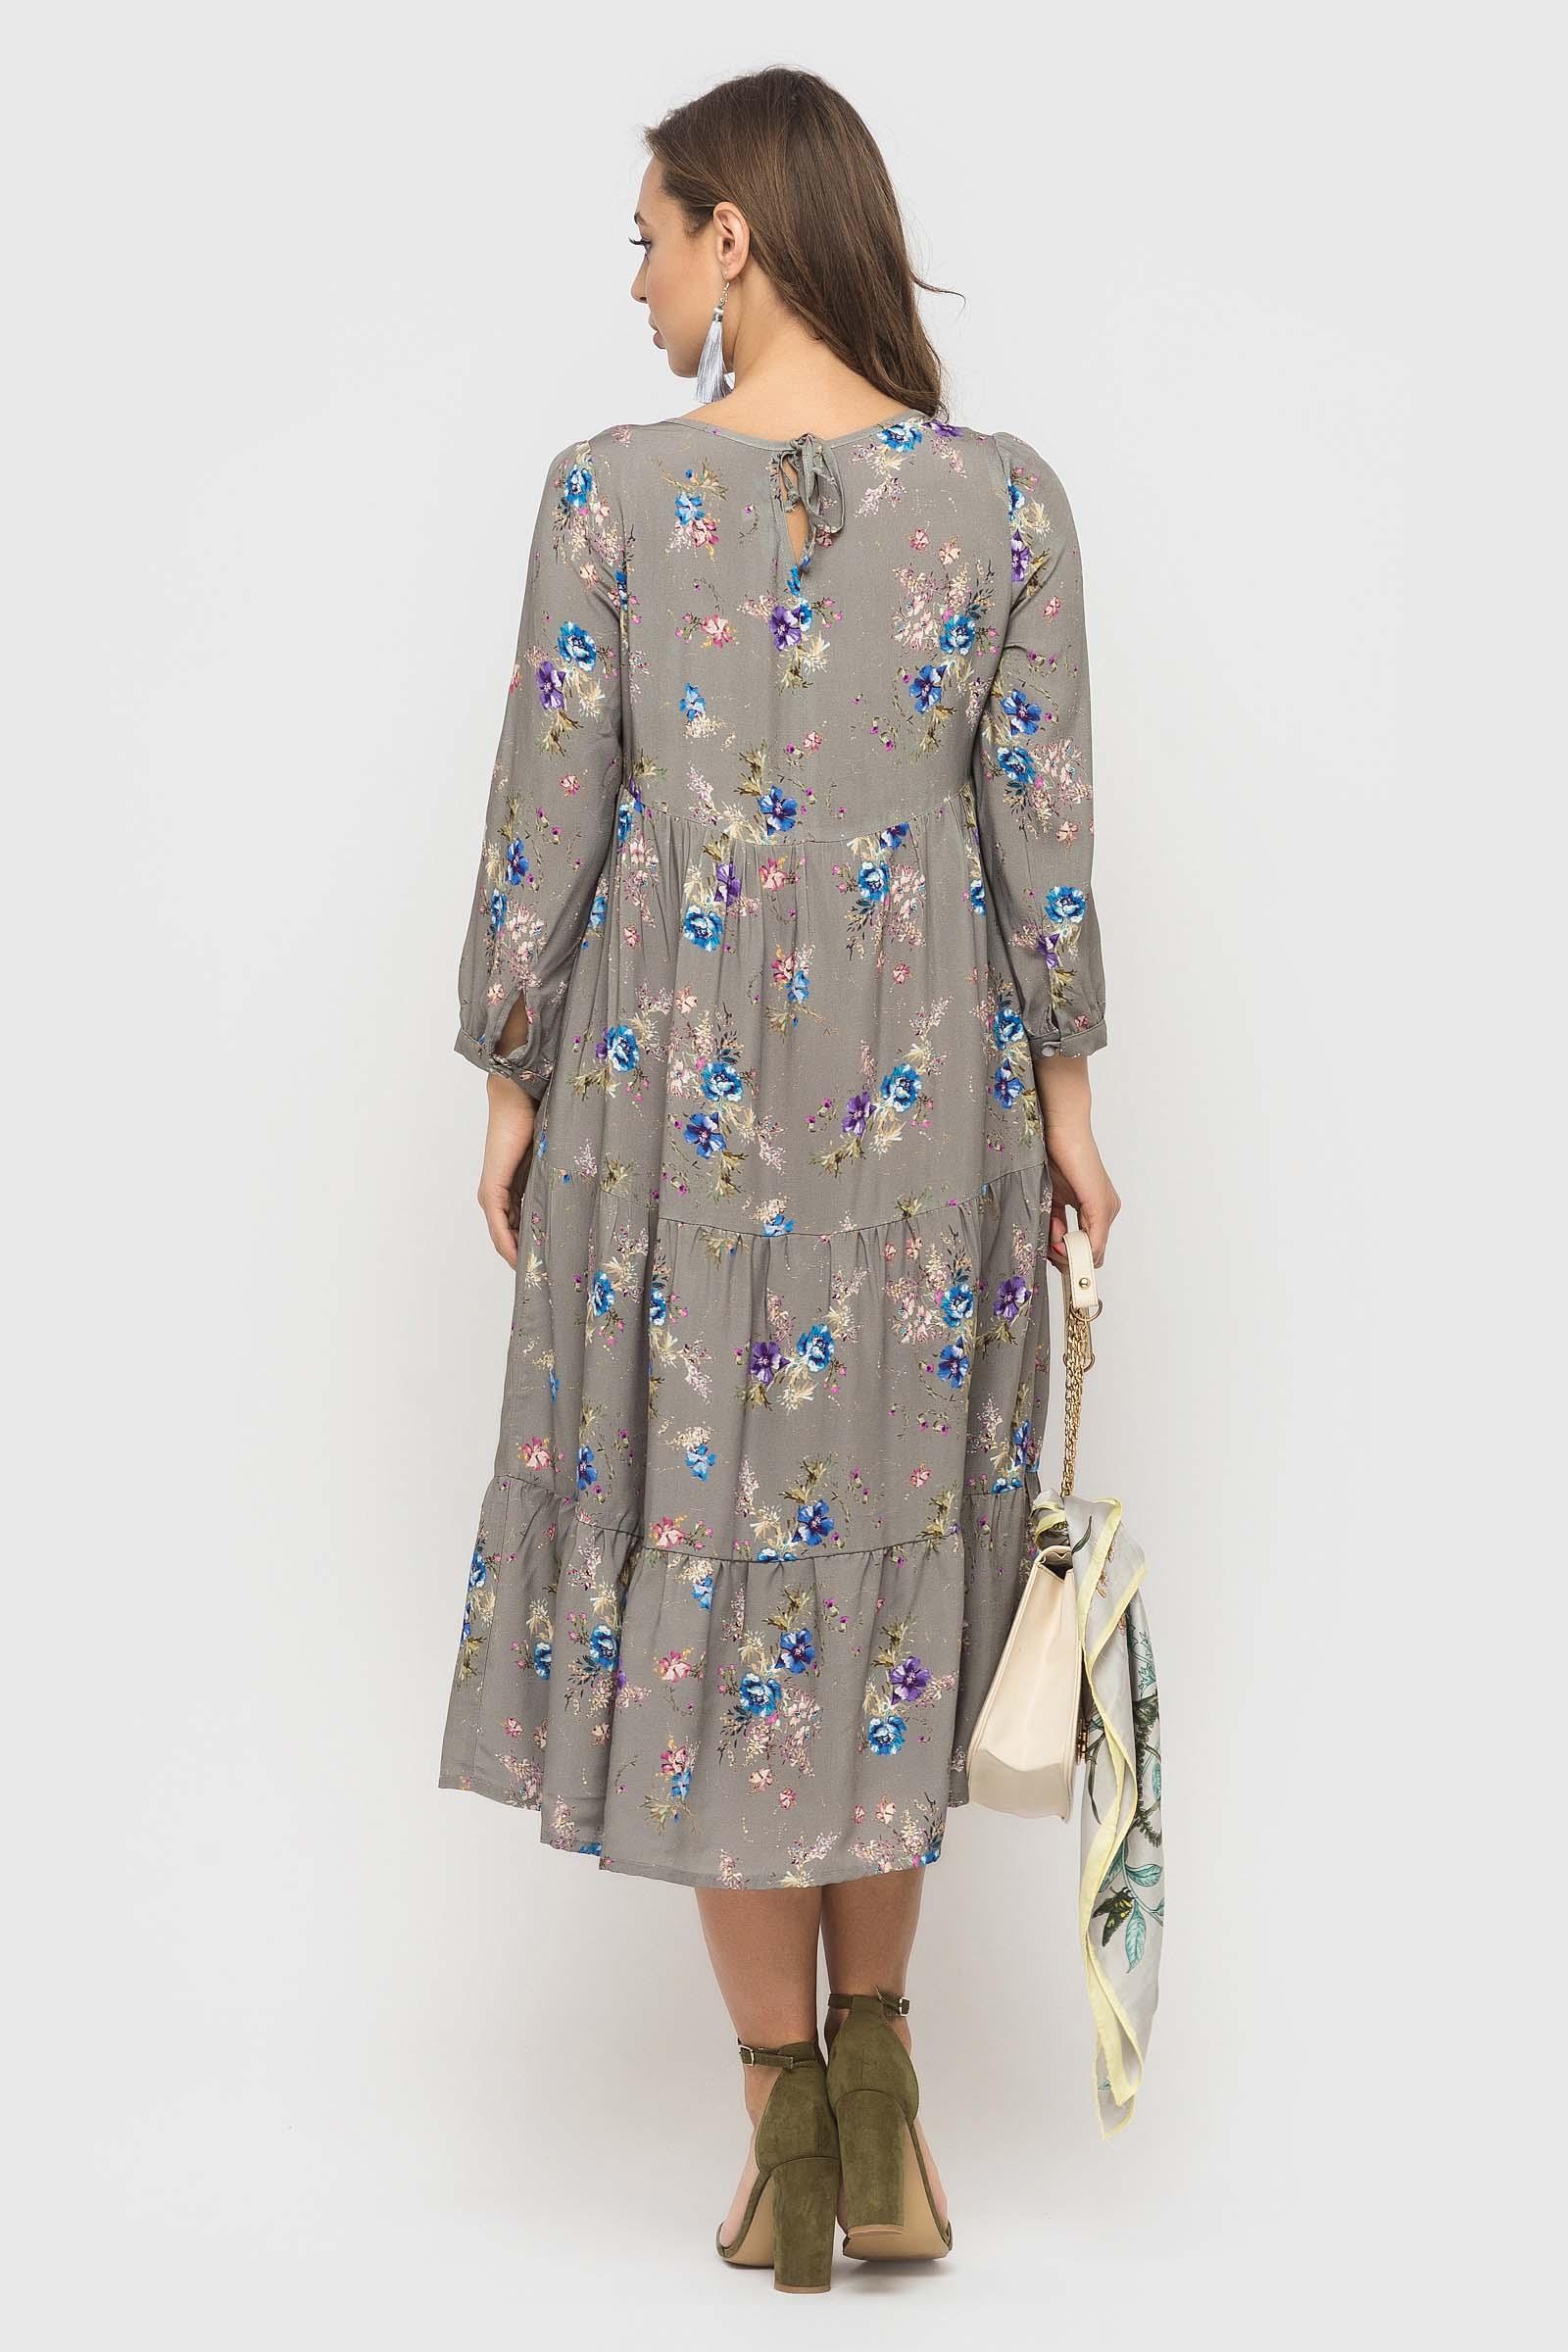 be art 2020 04 07182324 Купить платье